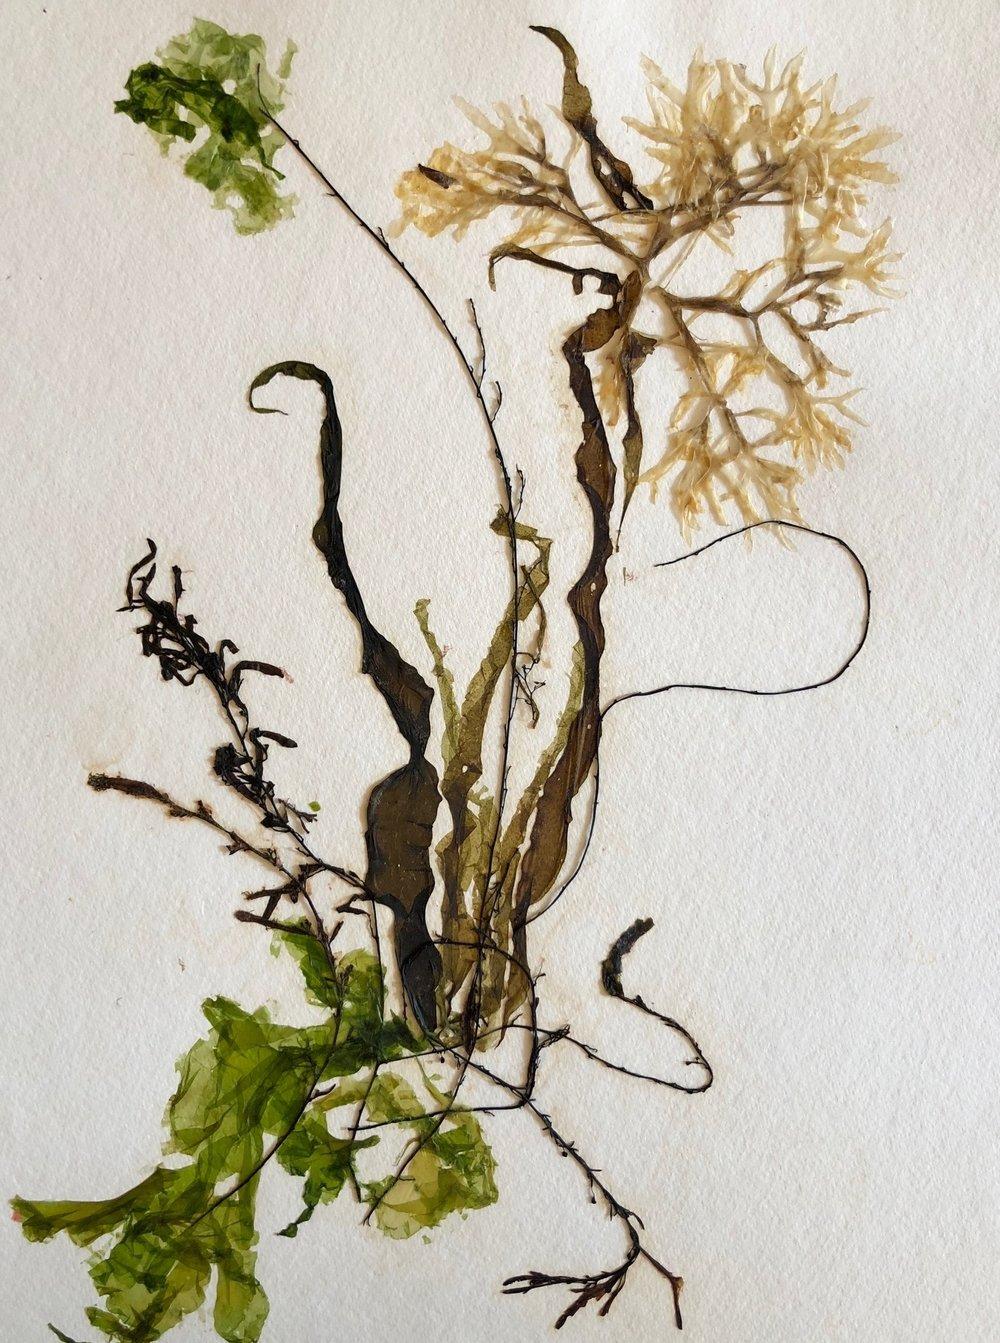 Seaweed 4/14, 11x14